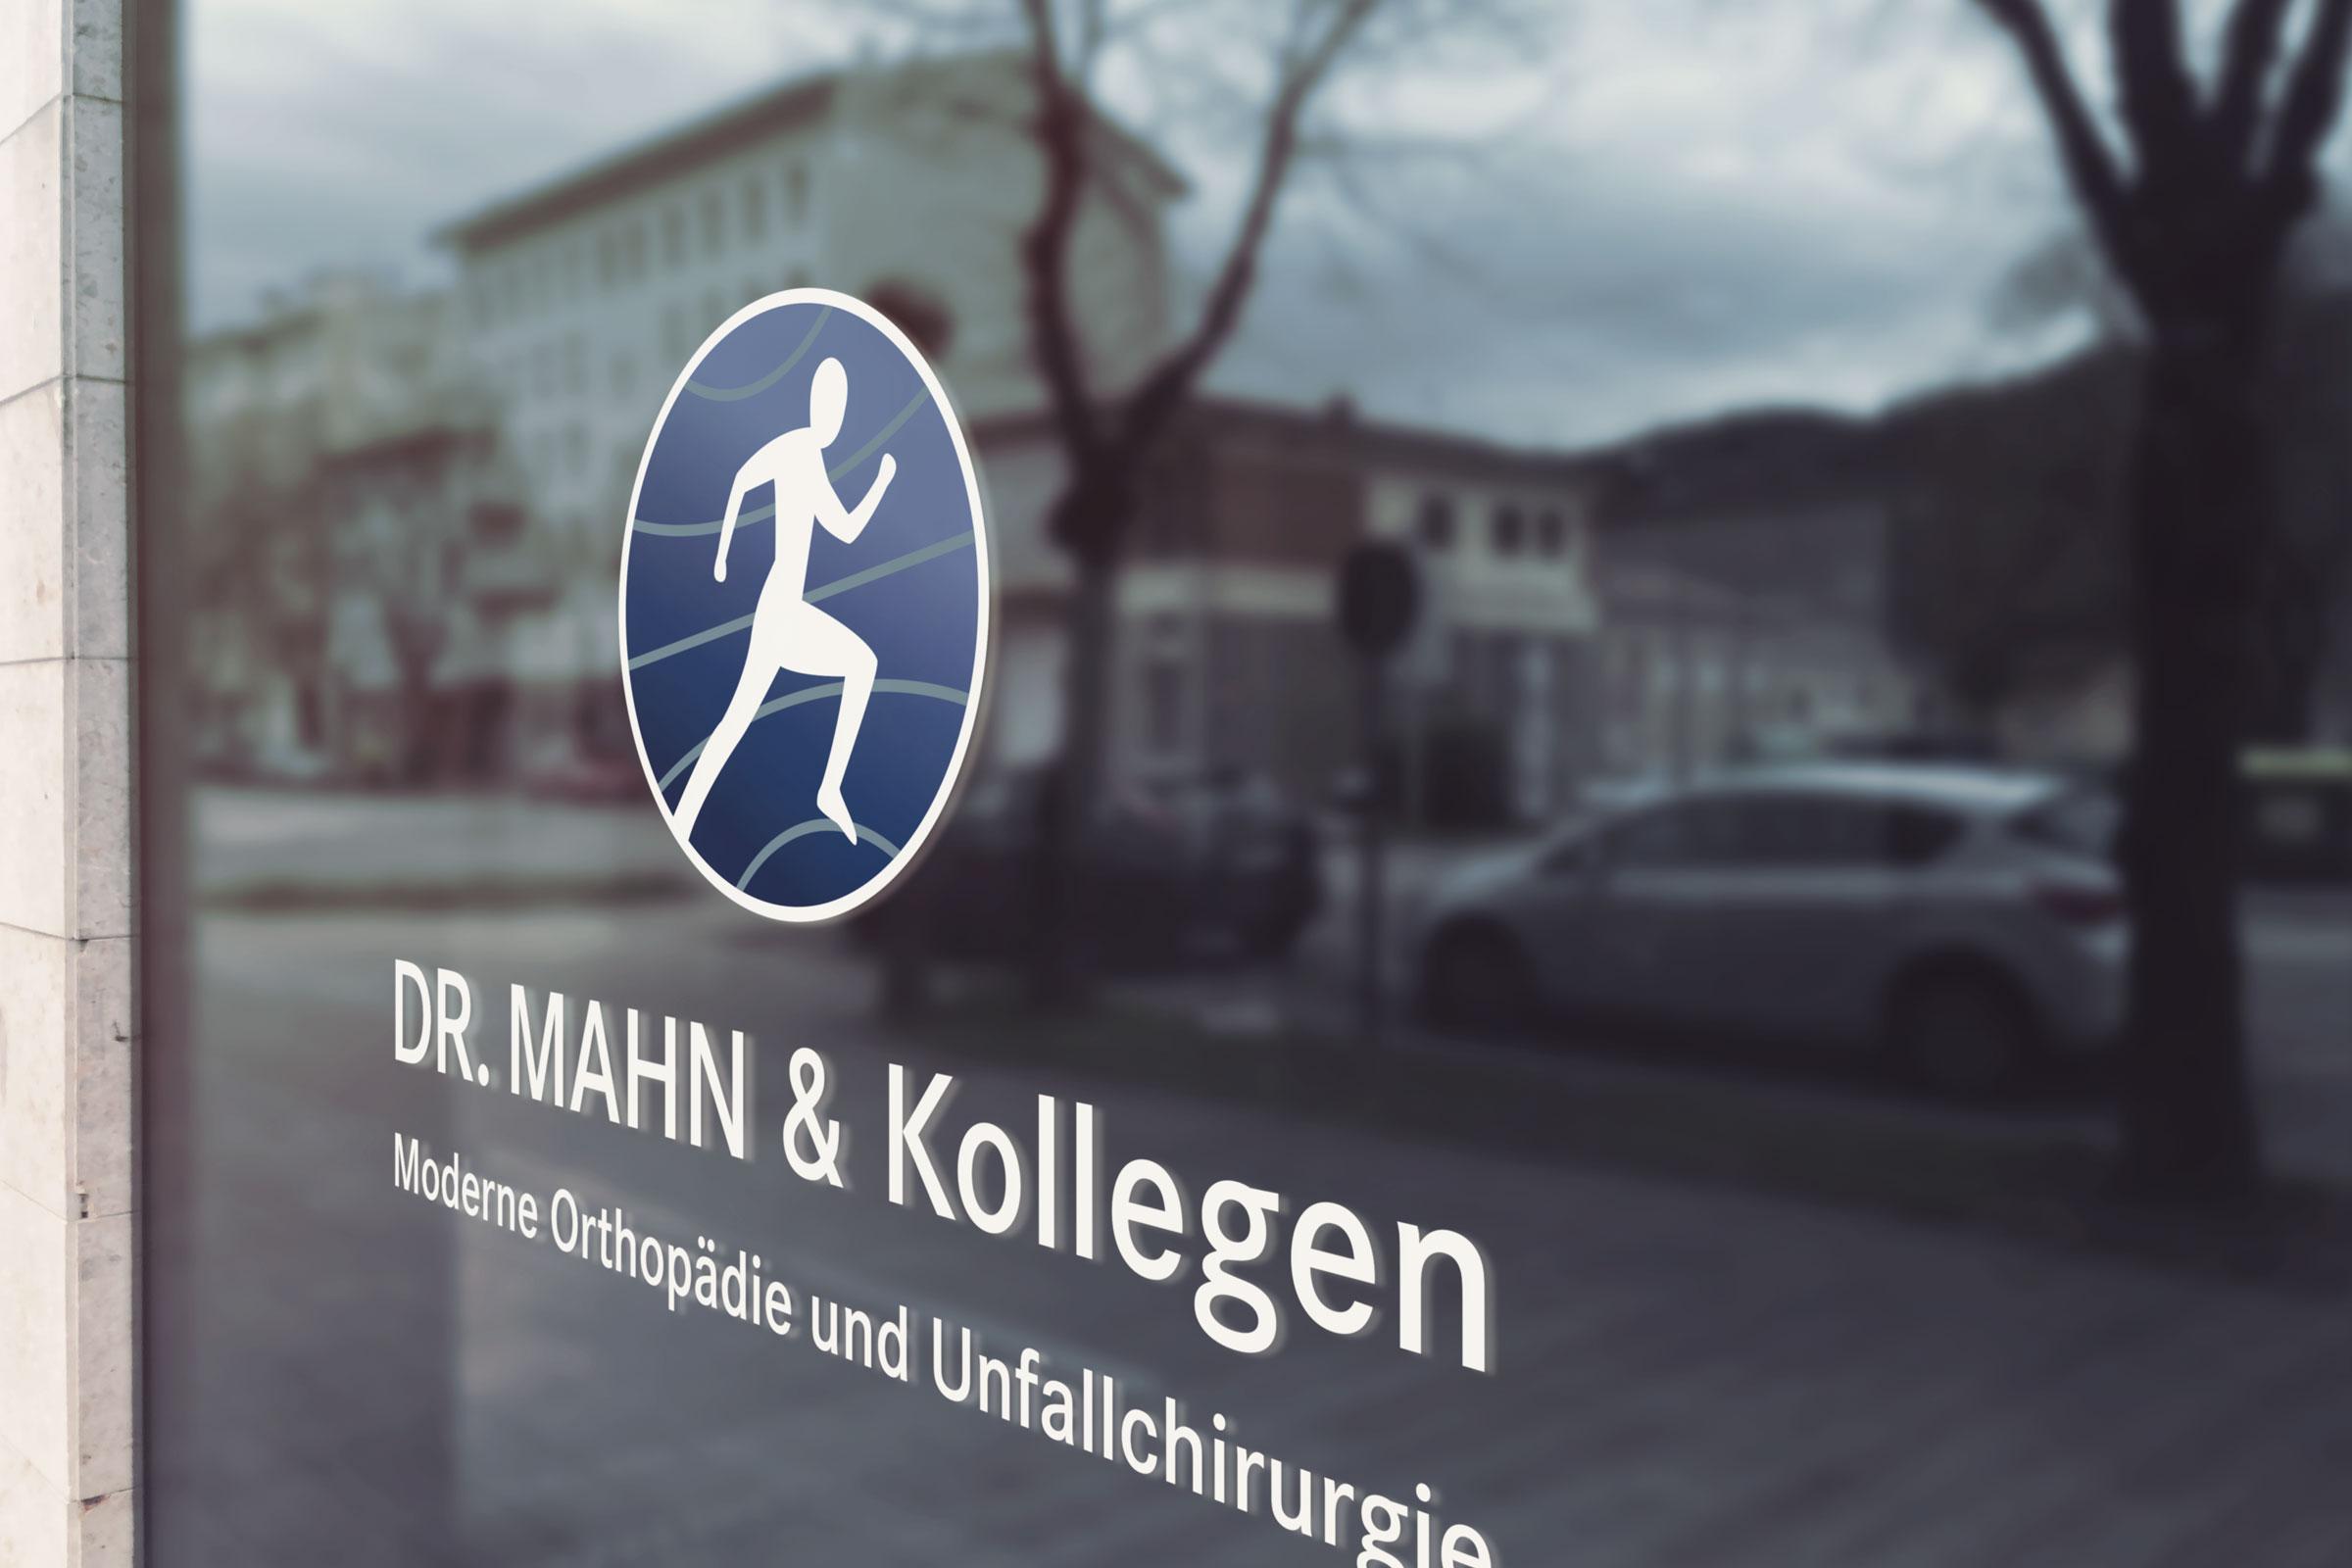 Praxisschild für einen Orthopäden aus Bad Vilbel bei Frankfurt.